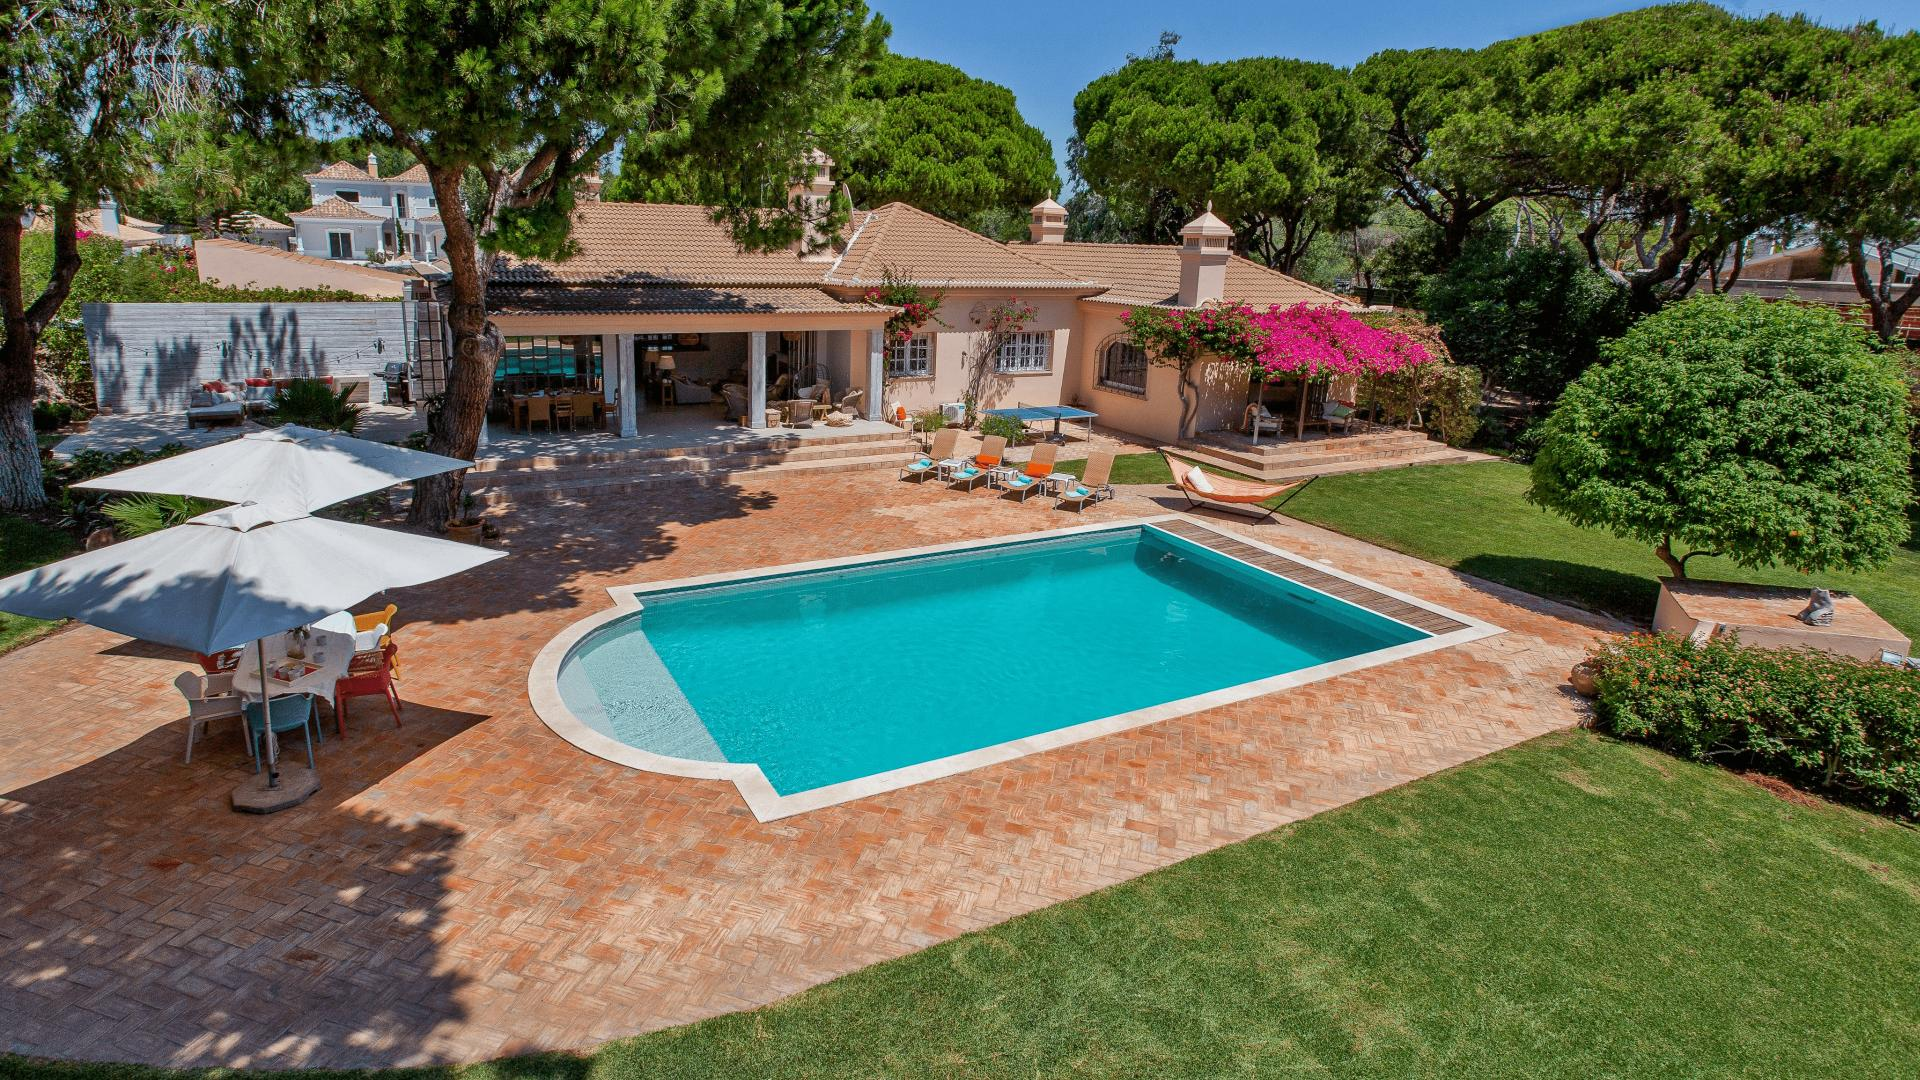 Villa Momo - Quinta Jacintina, Vale do Lobo, Algarve - Villa_Momo_Exterior_1.png